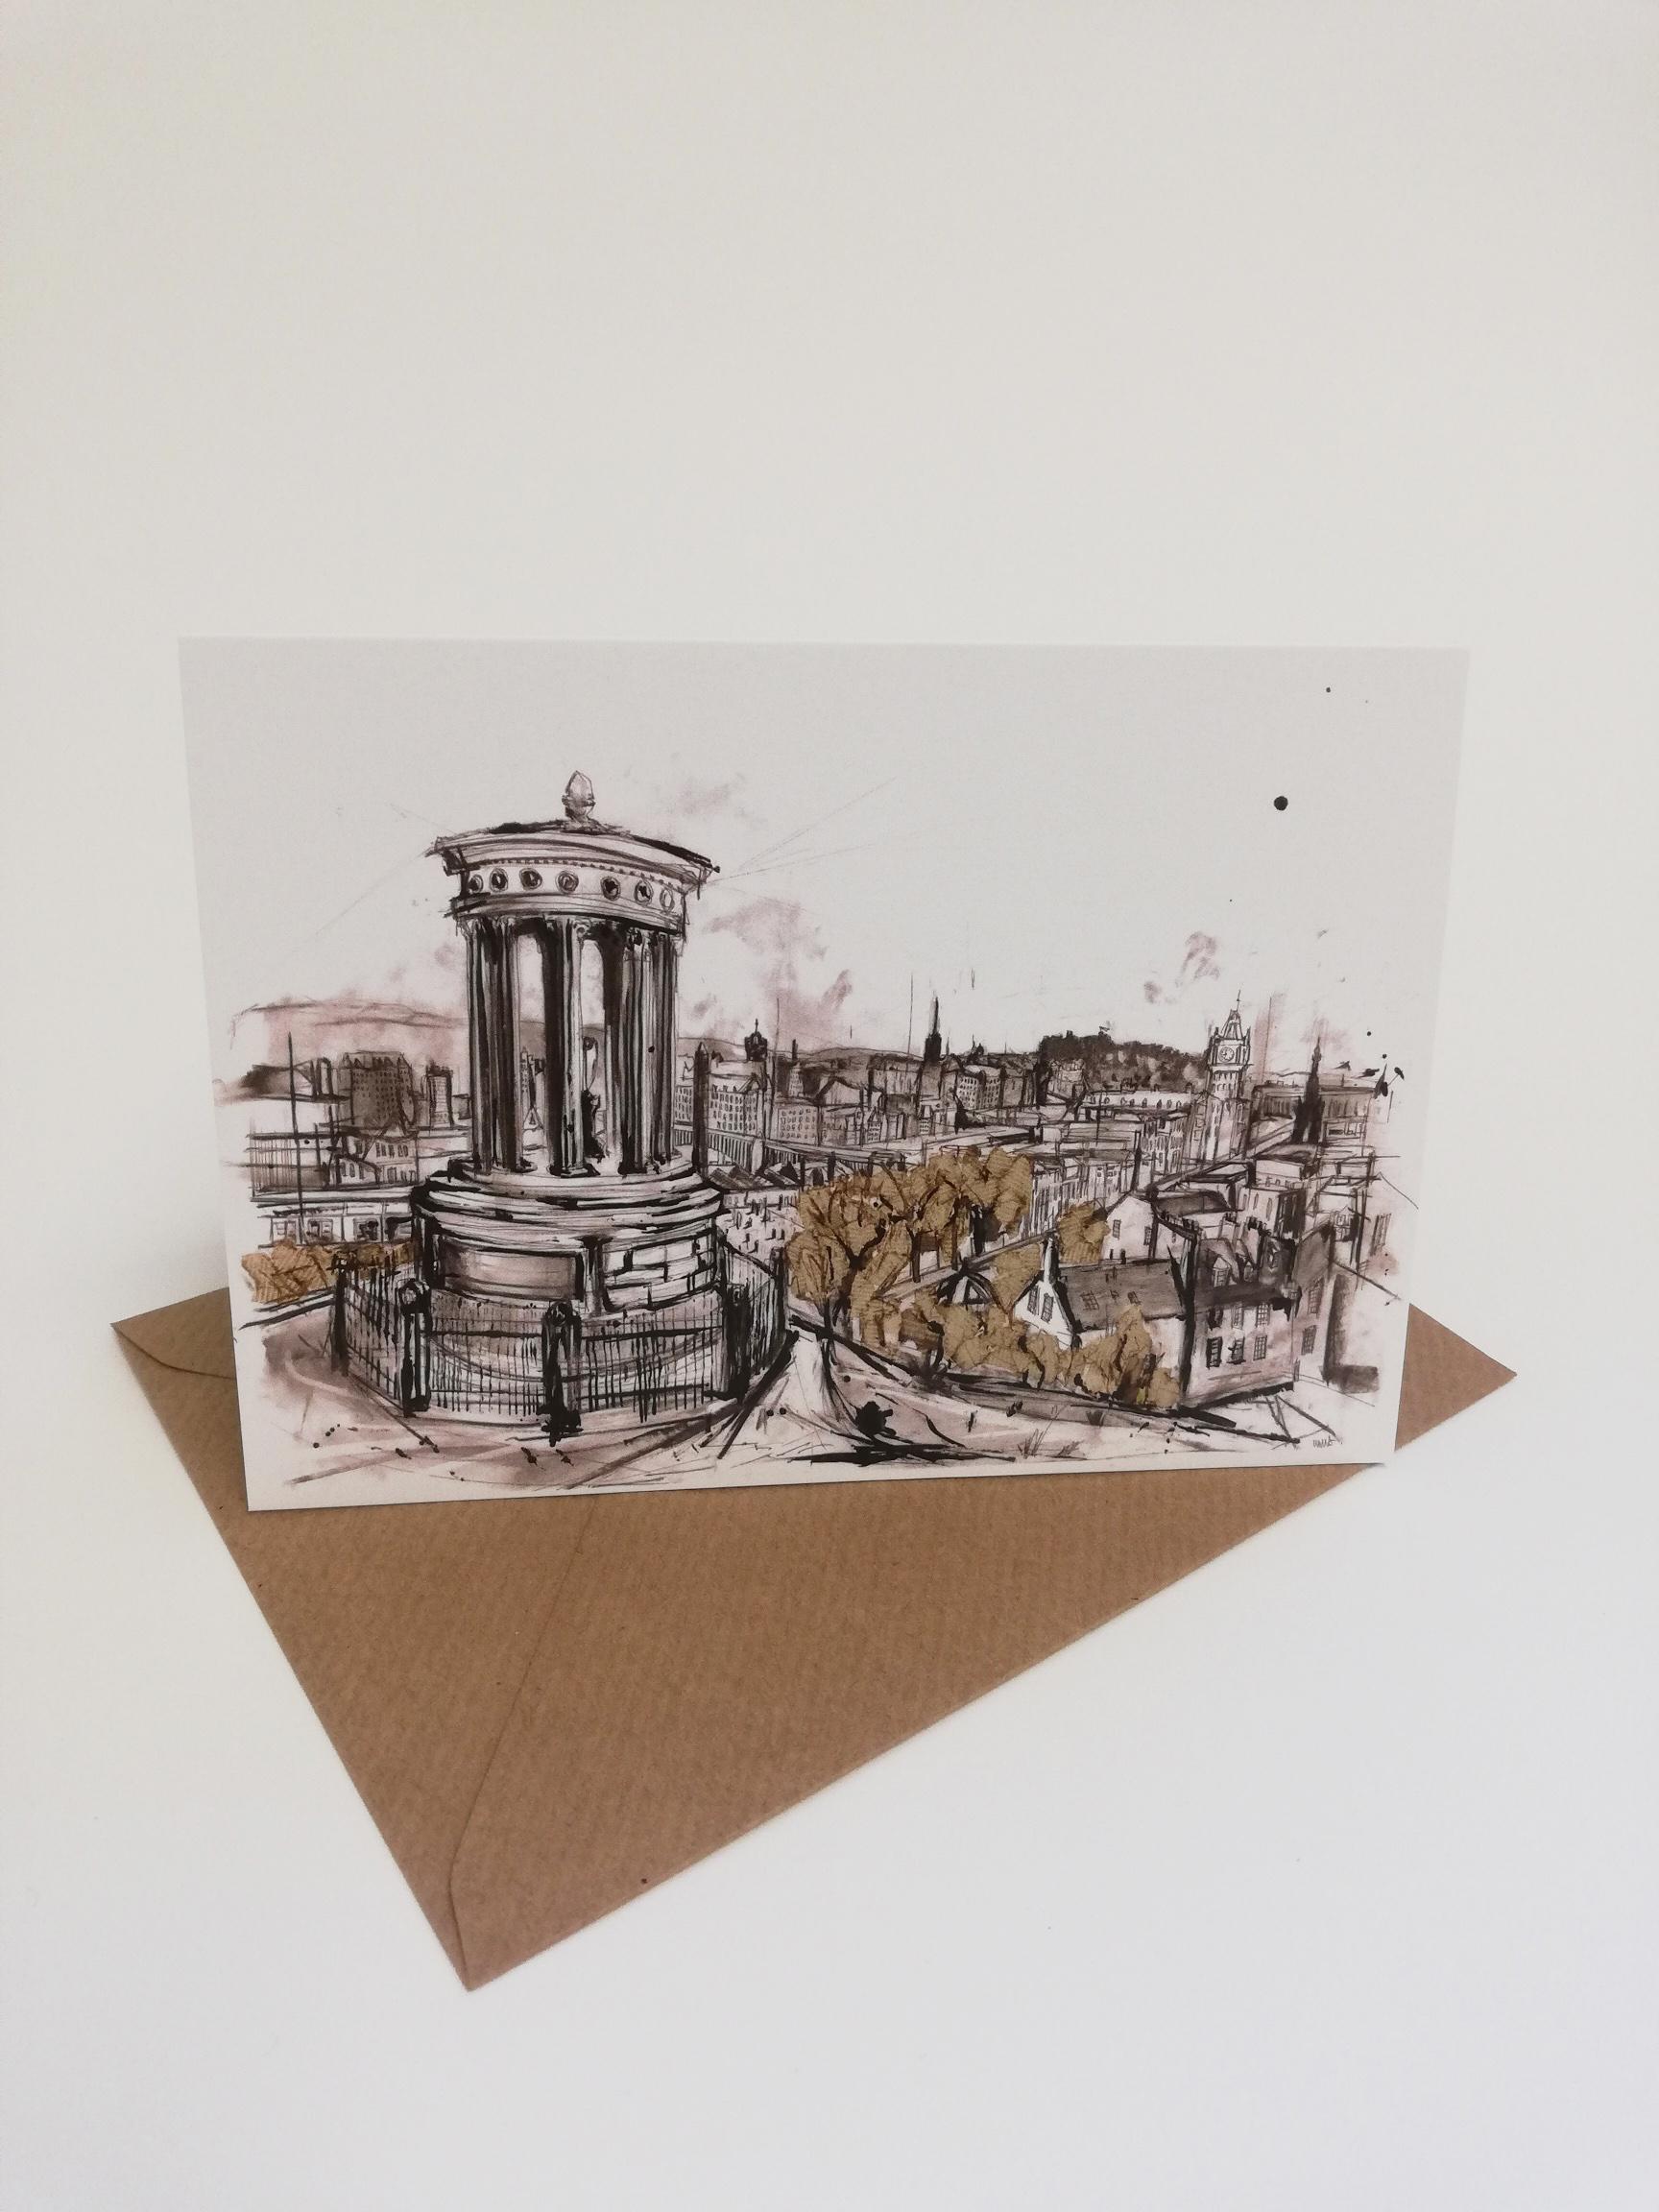 Calton Hill card